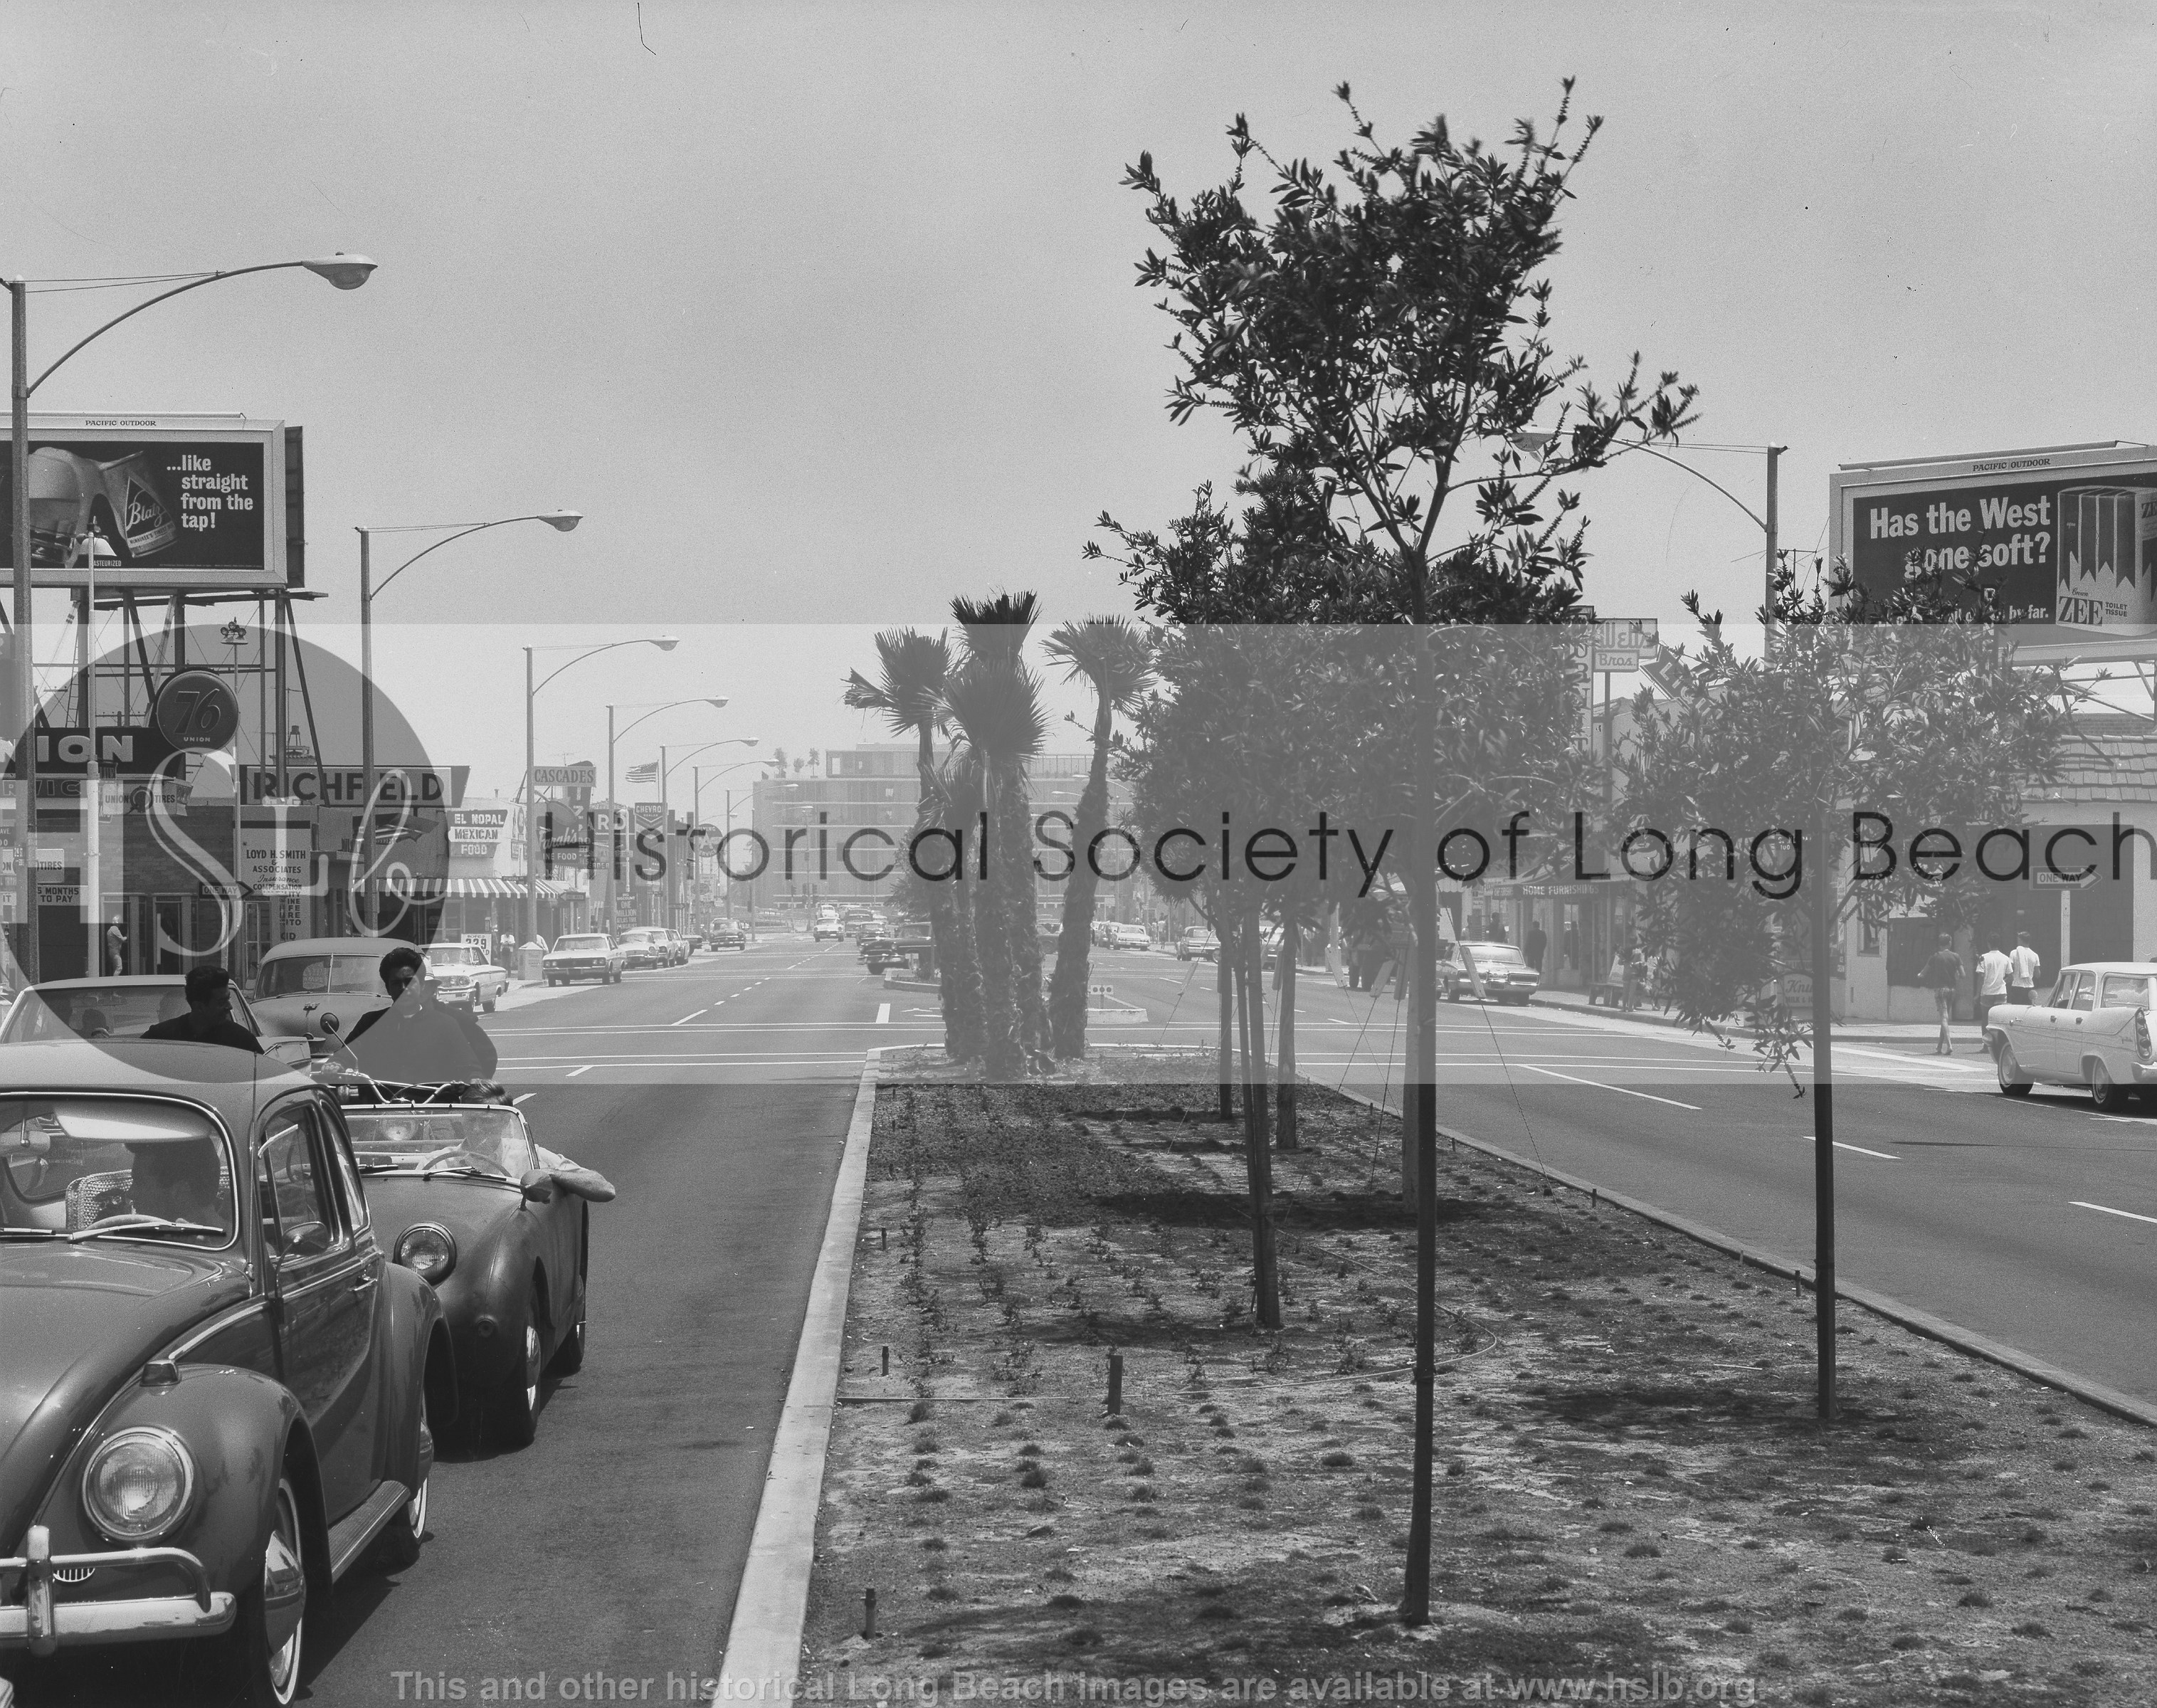 Second Street, 1980s